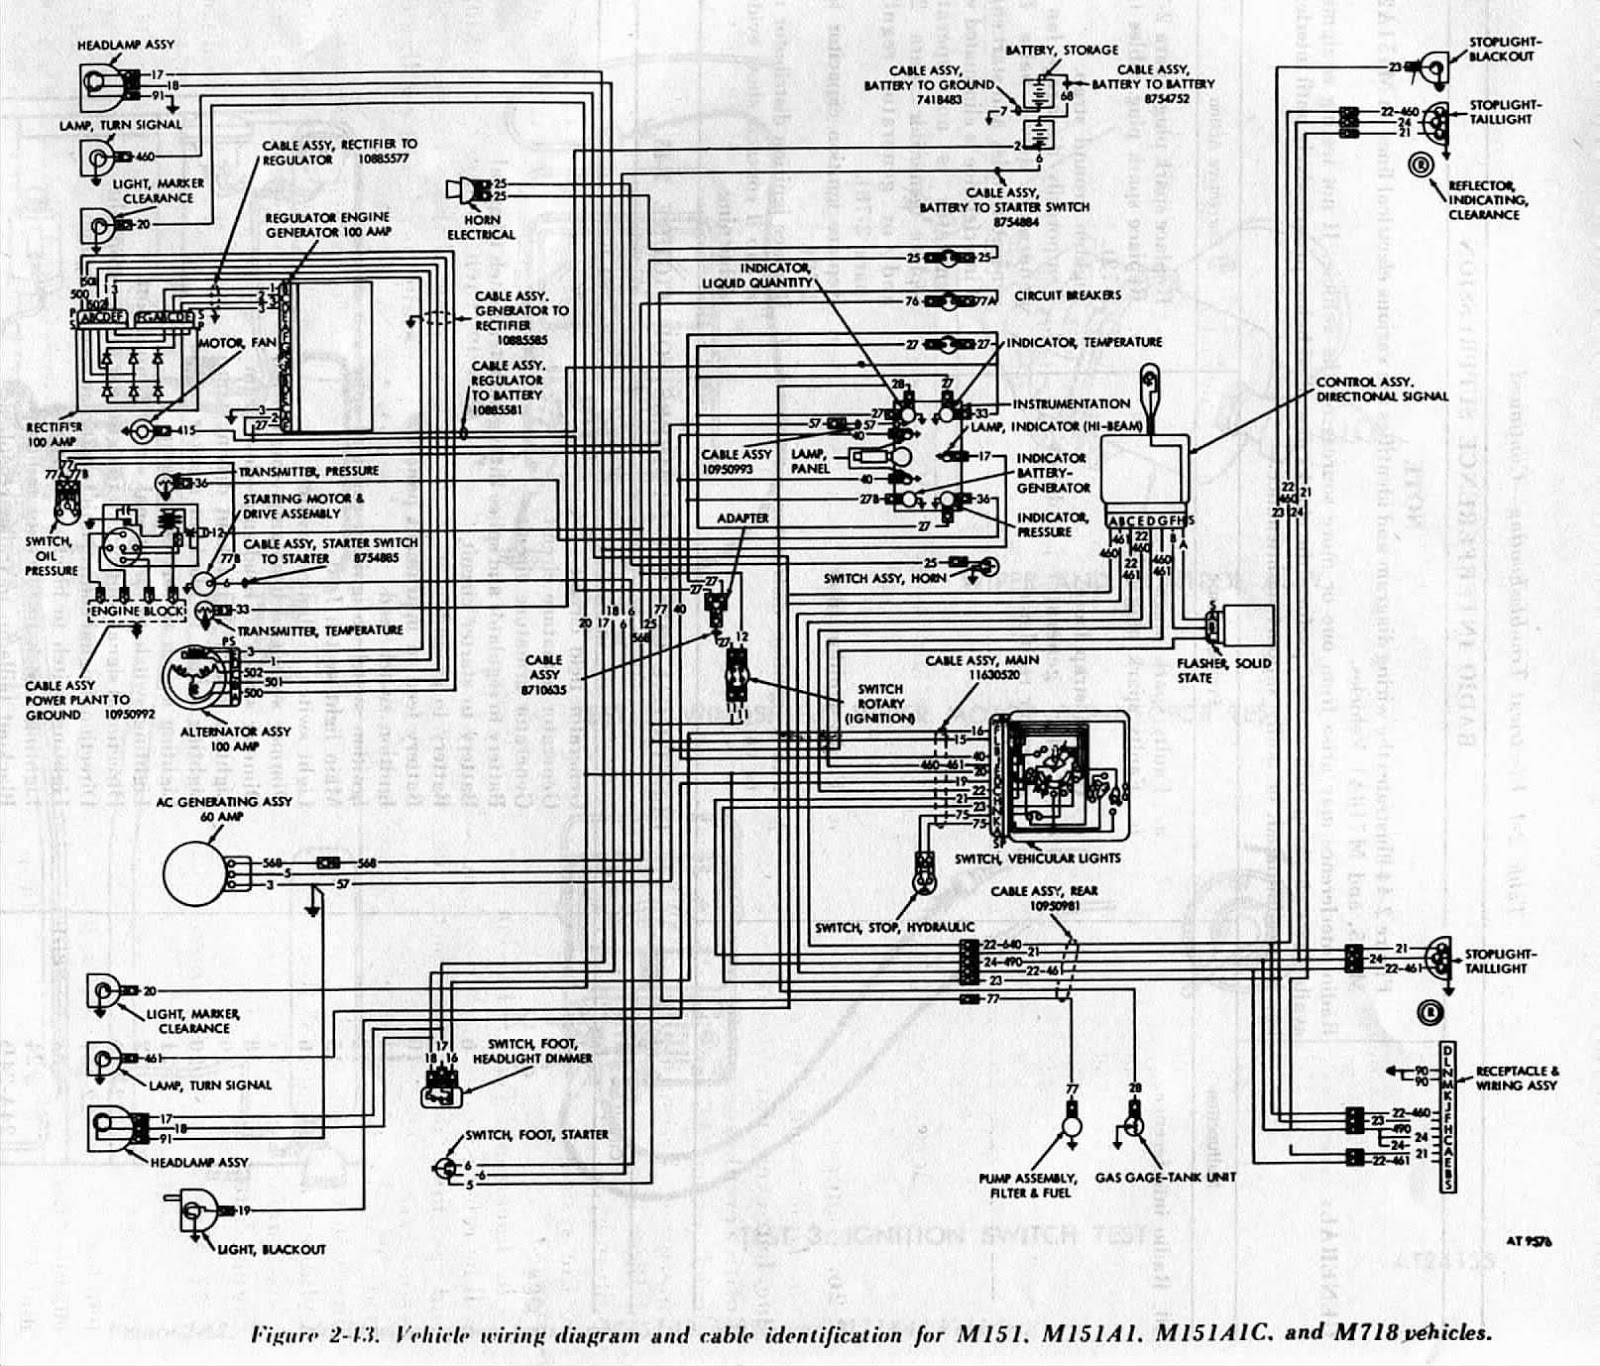 medium resolution of ford bantam wiring diagram free wiring diagram schematics ford bantam ignition wiring diagram ford bantam wiring diagram